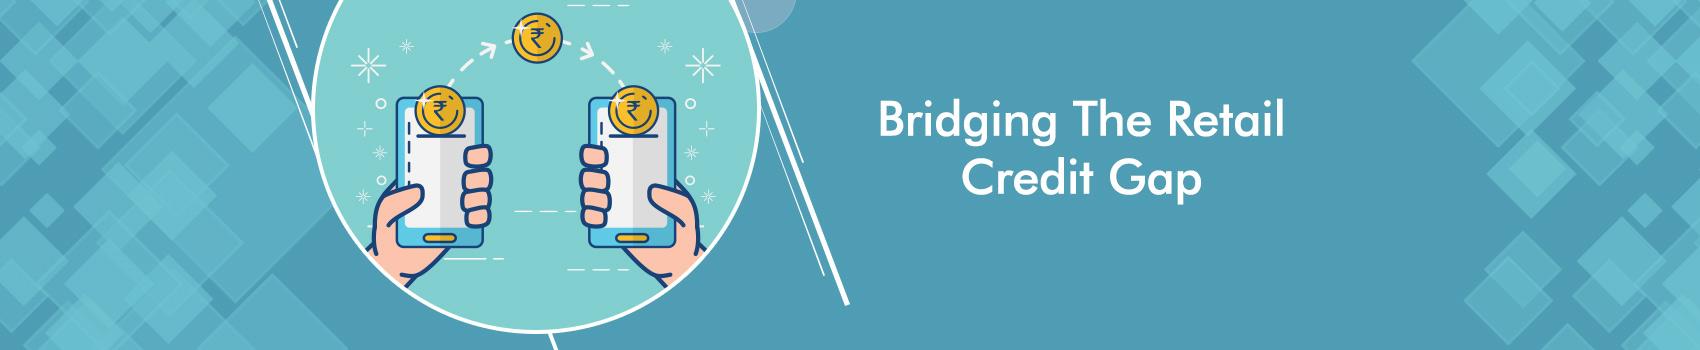 Bridging The Retail Credit Gap